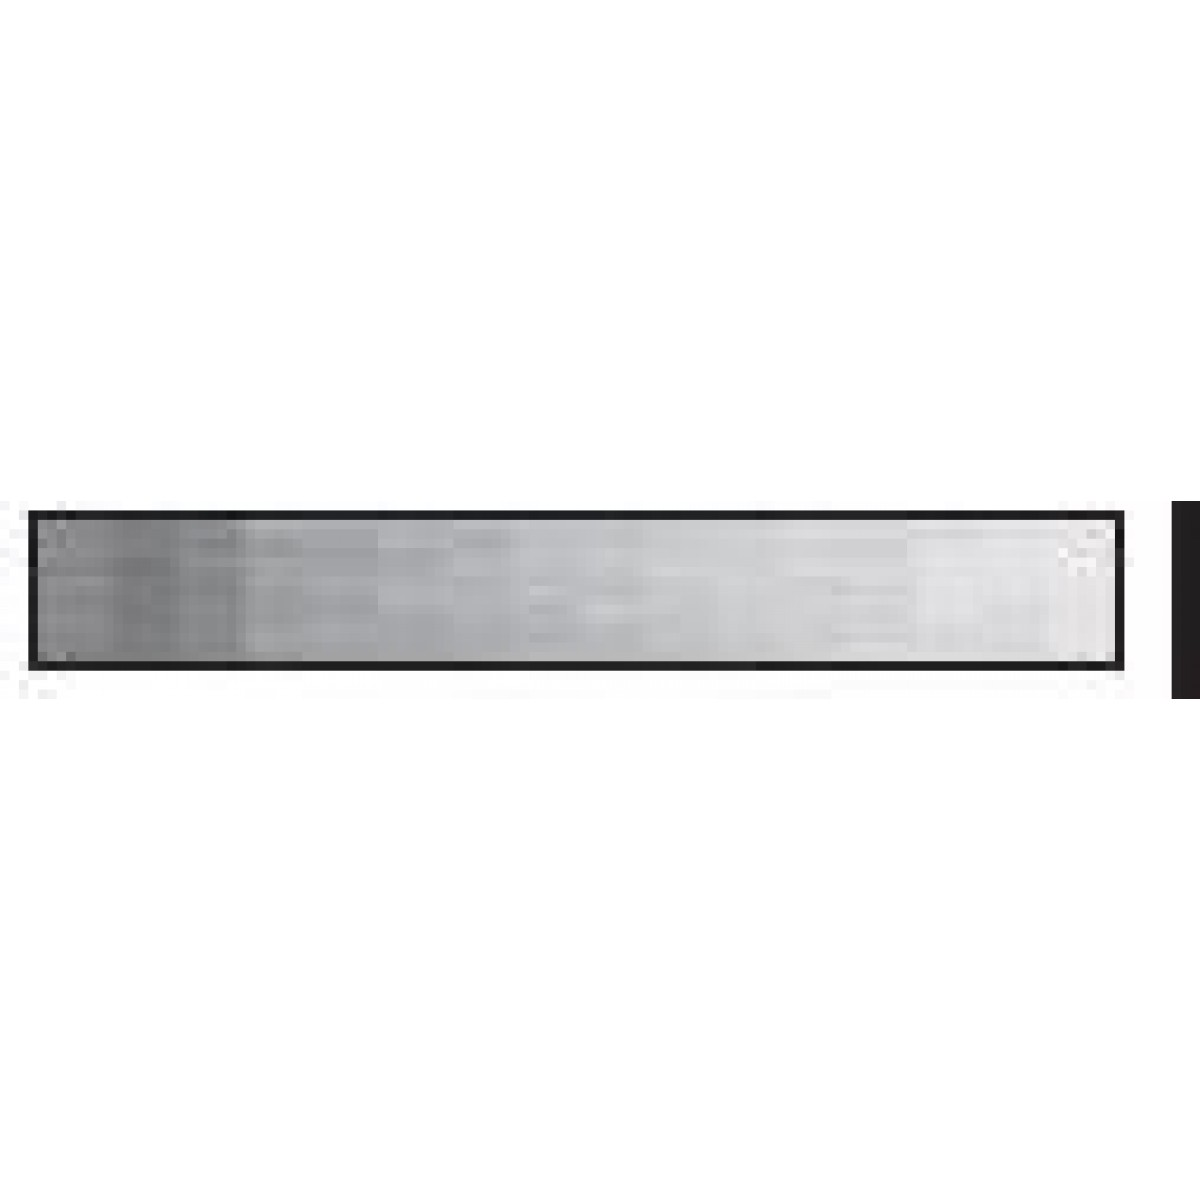 8544 Kunstnerkvalitet soft pastel Mouse grey